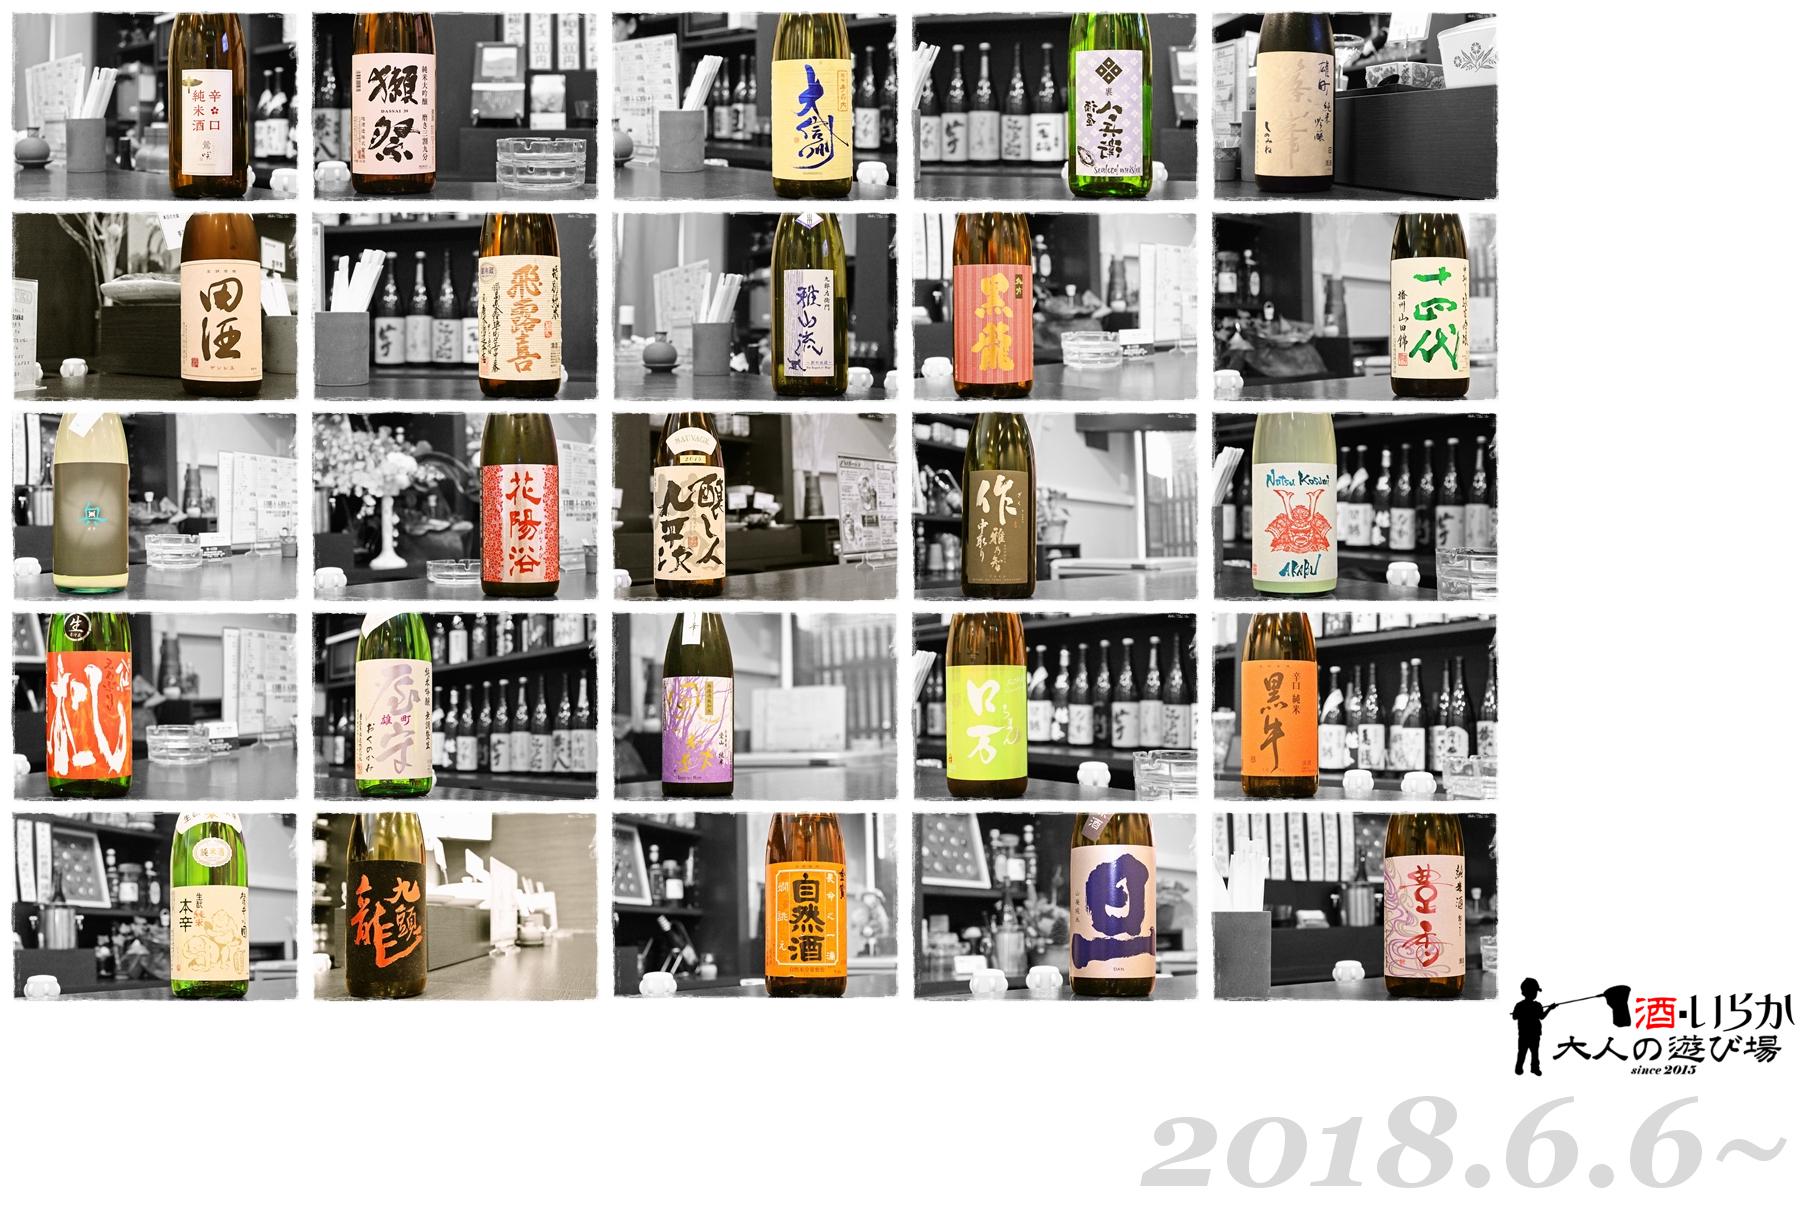 20180606.jpg